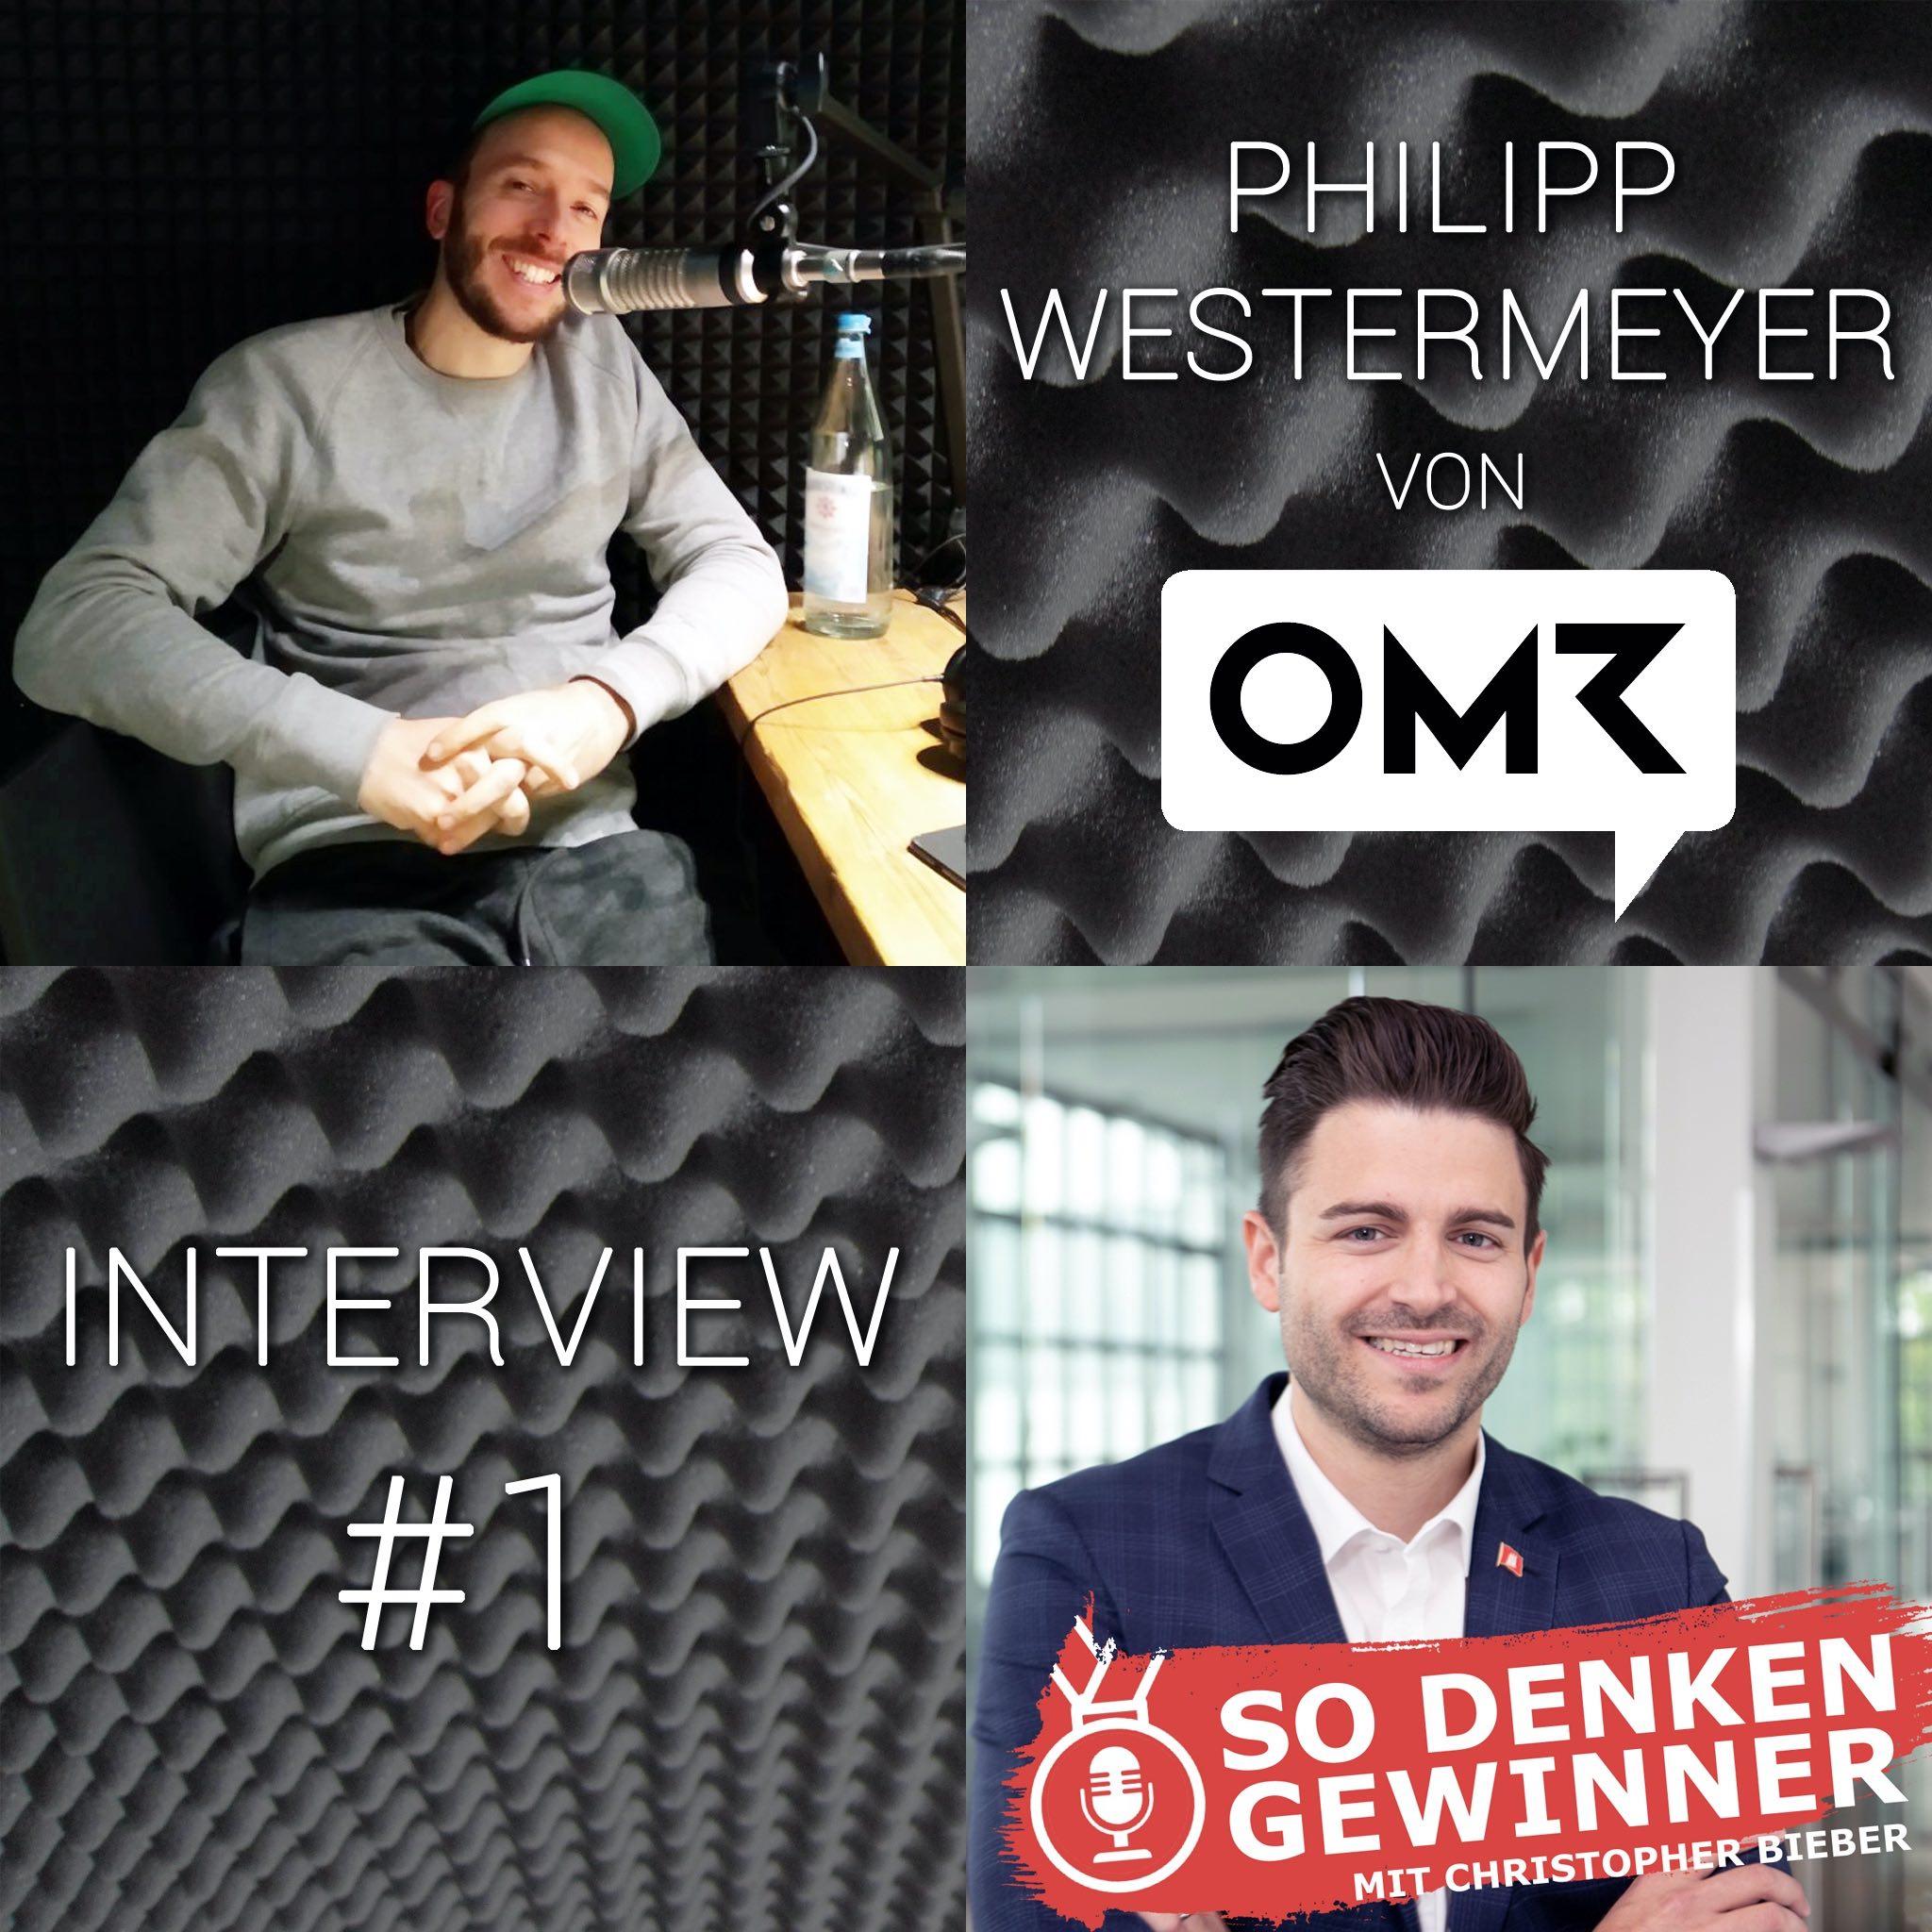 #88 Interview mit Philipp Westermeyer von OMR (Teil 1) - So denken Gewinner